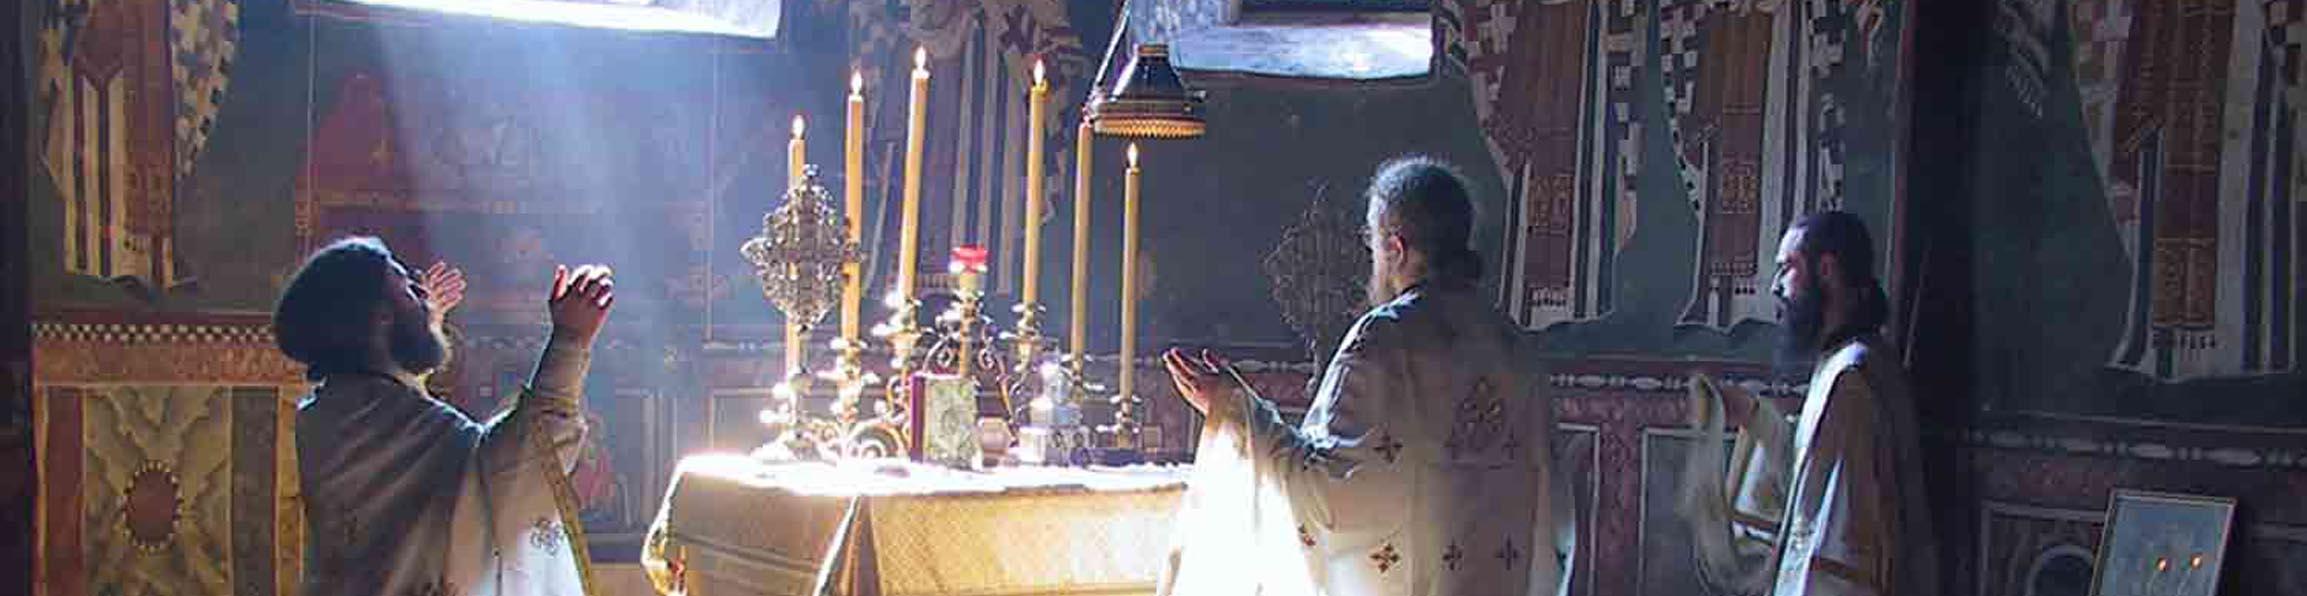 Liturgia russo-ortodossa_01